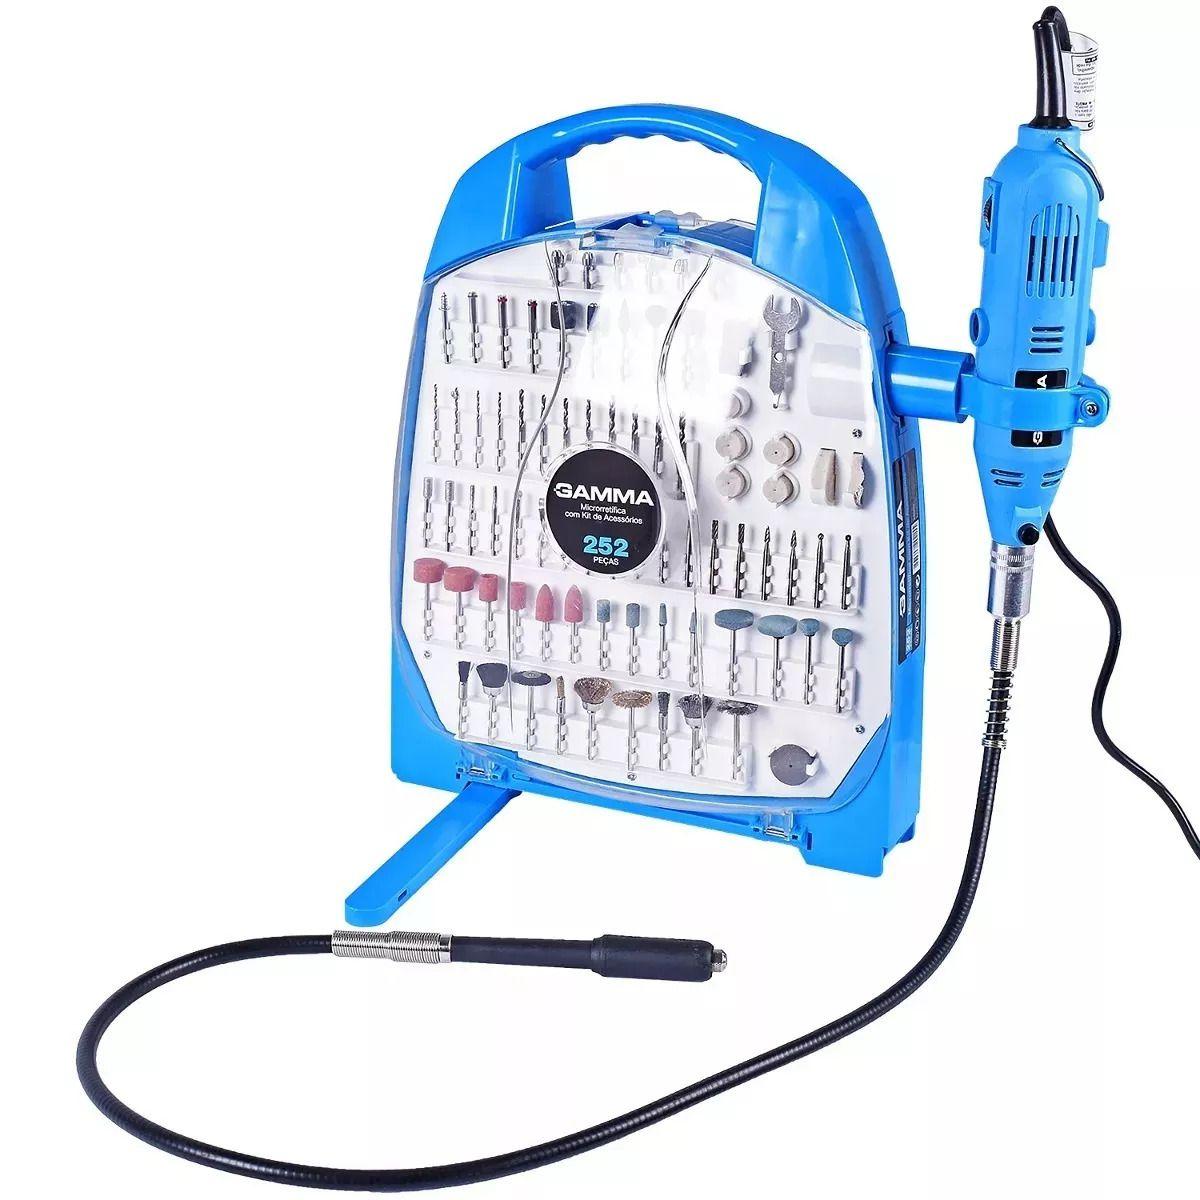 Micro Retifica 130W c/ chicote 252 pç G19502 - Gamma (110V)